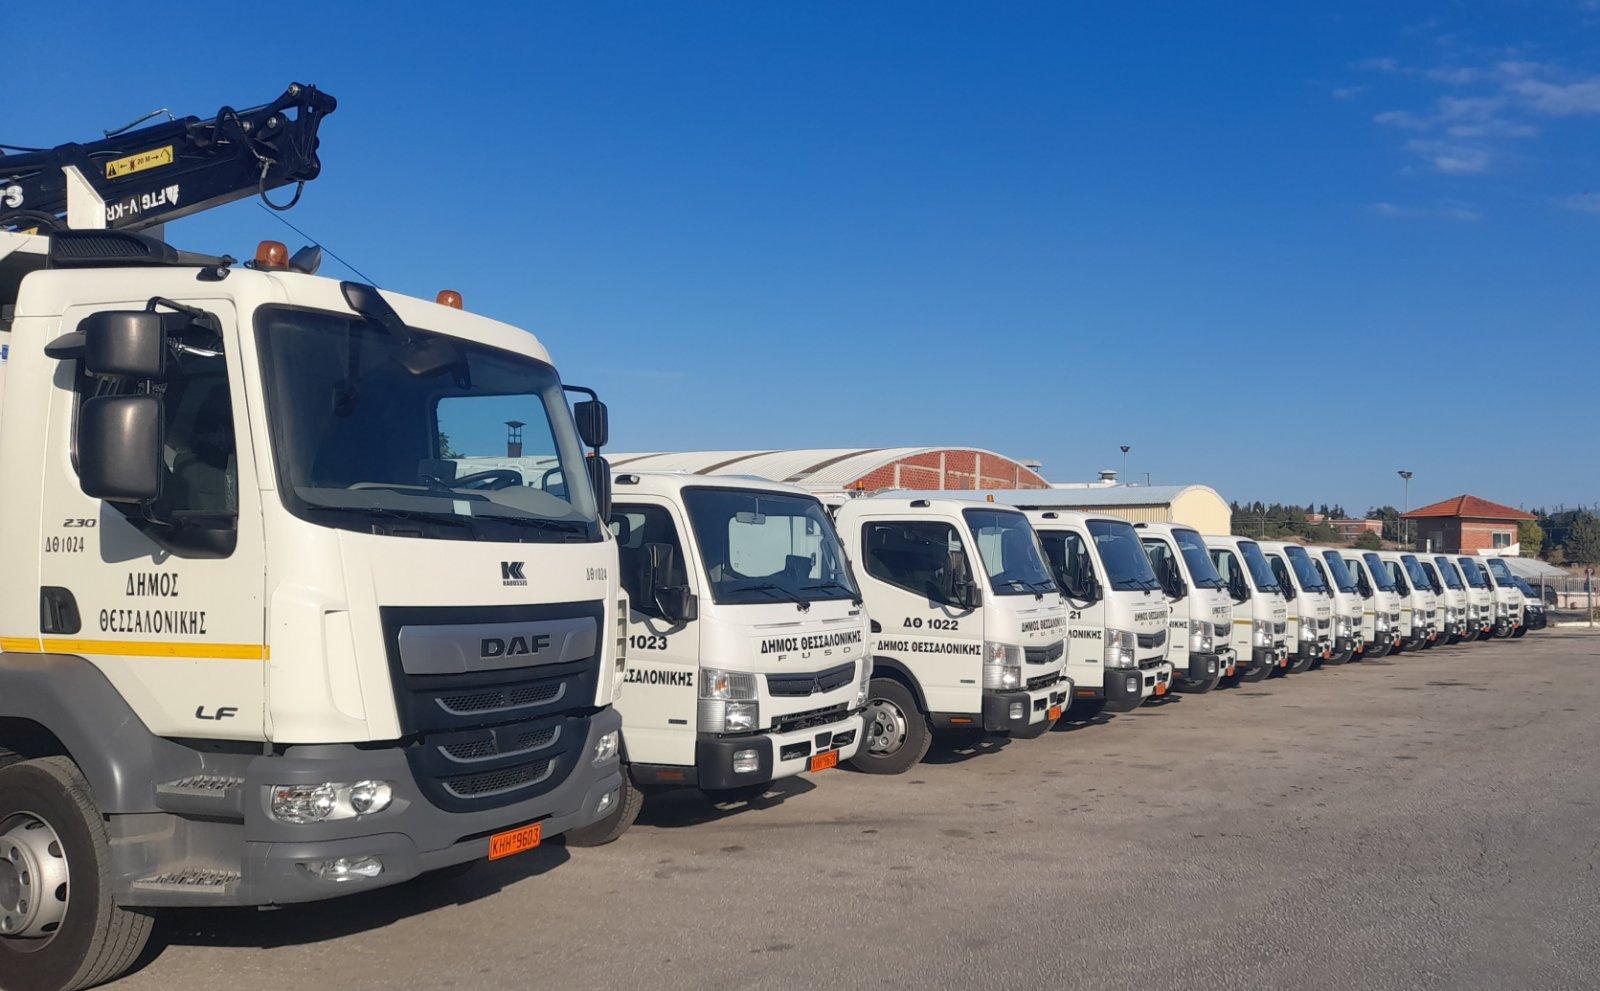 Νέα οχήματα στον στόλο του Δήμου Θεσσαλονίκης – Επιθεώρηση από Ζέρβα – Ζεϊμπέκη